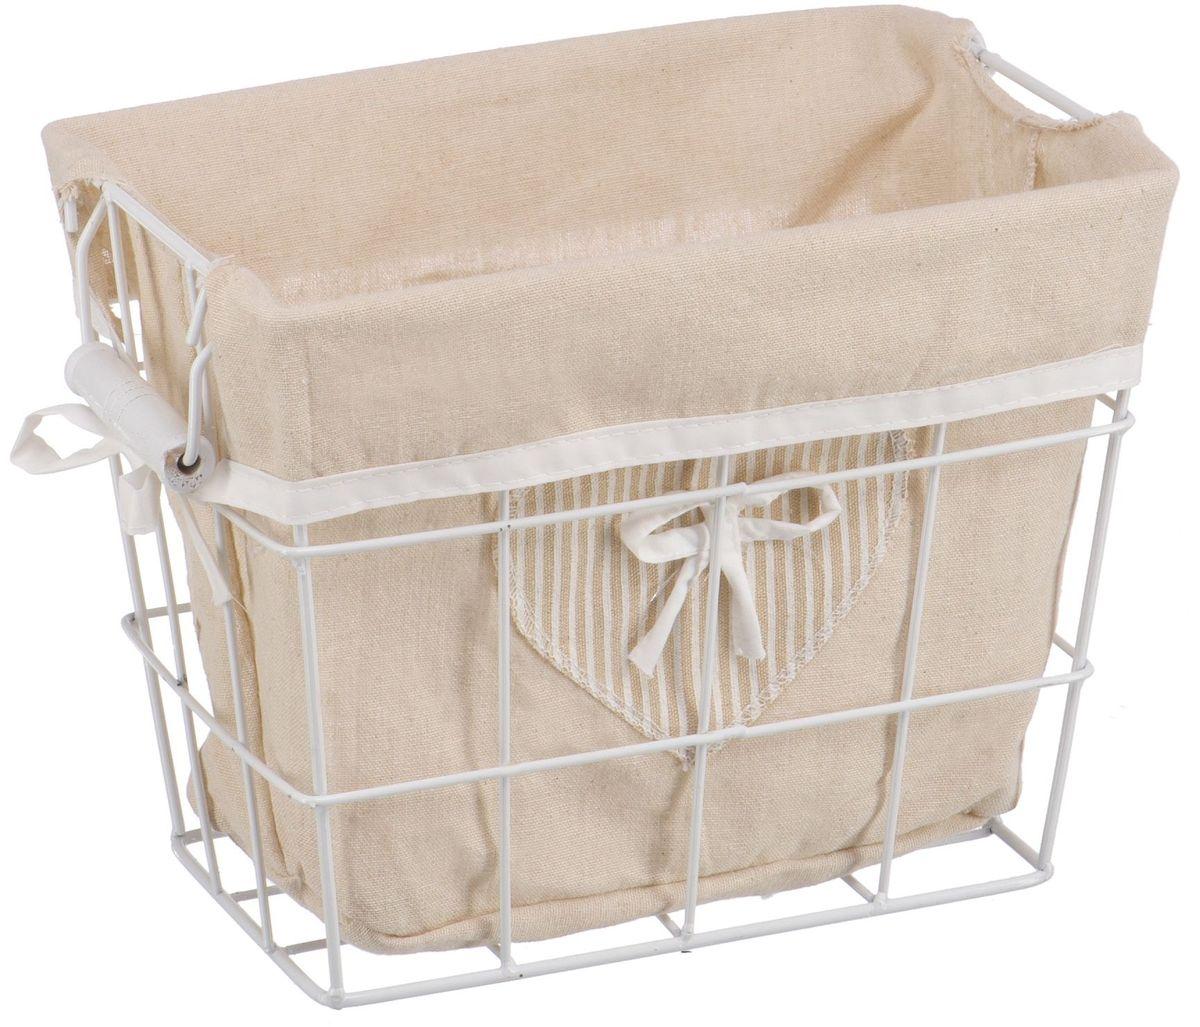 Корзина для белья Handy Home Решетка, открытая, цвет: белый, 29 х 19 х 23 смEW-49 SПрямоугольная бельевая корзина Handy Home сделана из металла. В комплекте с корзиной идет съемный чехол с бантиком который легко снимается и стирается. Корзина предназначена для хранения вещей и декоративного оформления помещения.